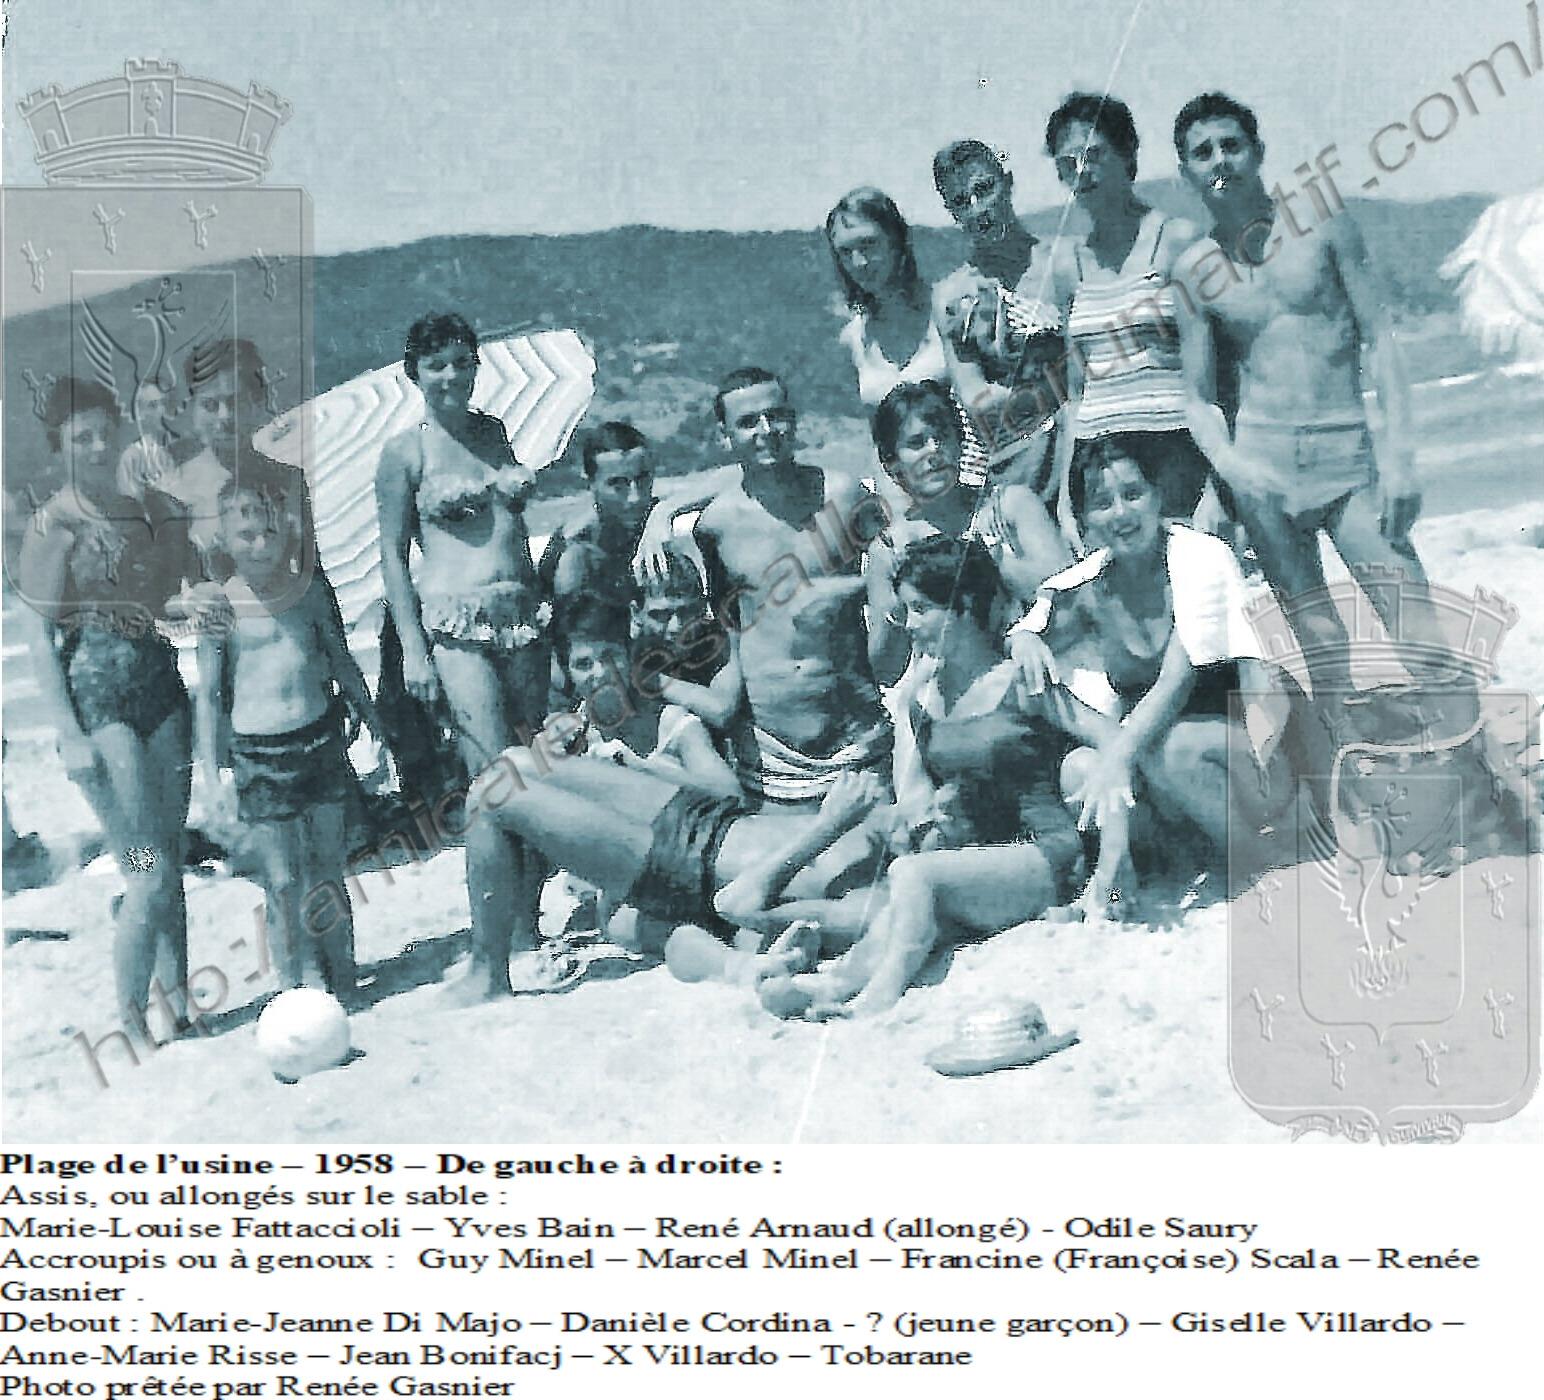 Plage de l'usine – 1958 – PC 131